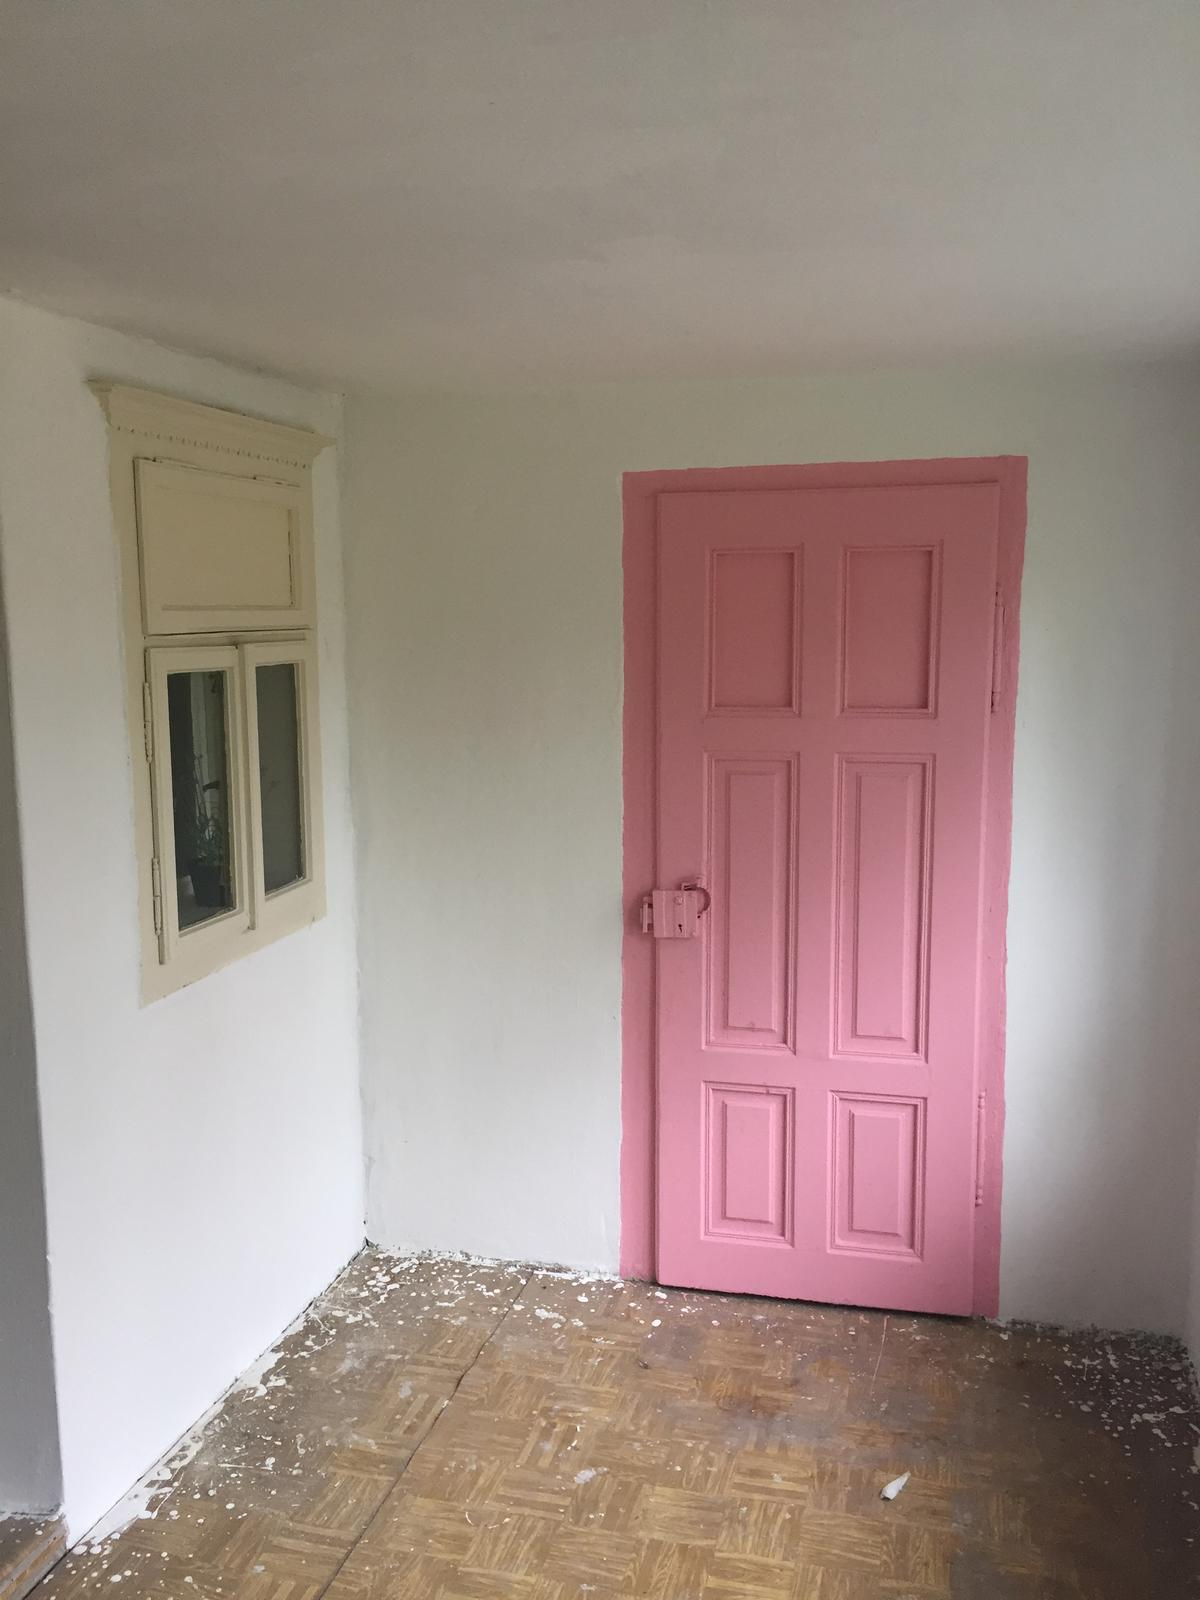 Perníková chalúpka - ...jen růžová to může být...